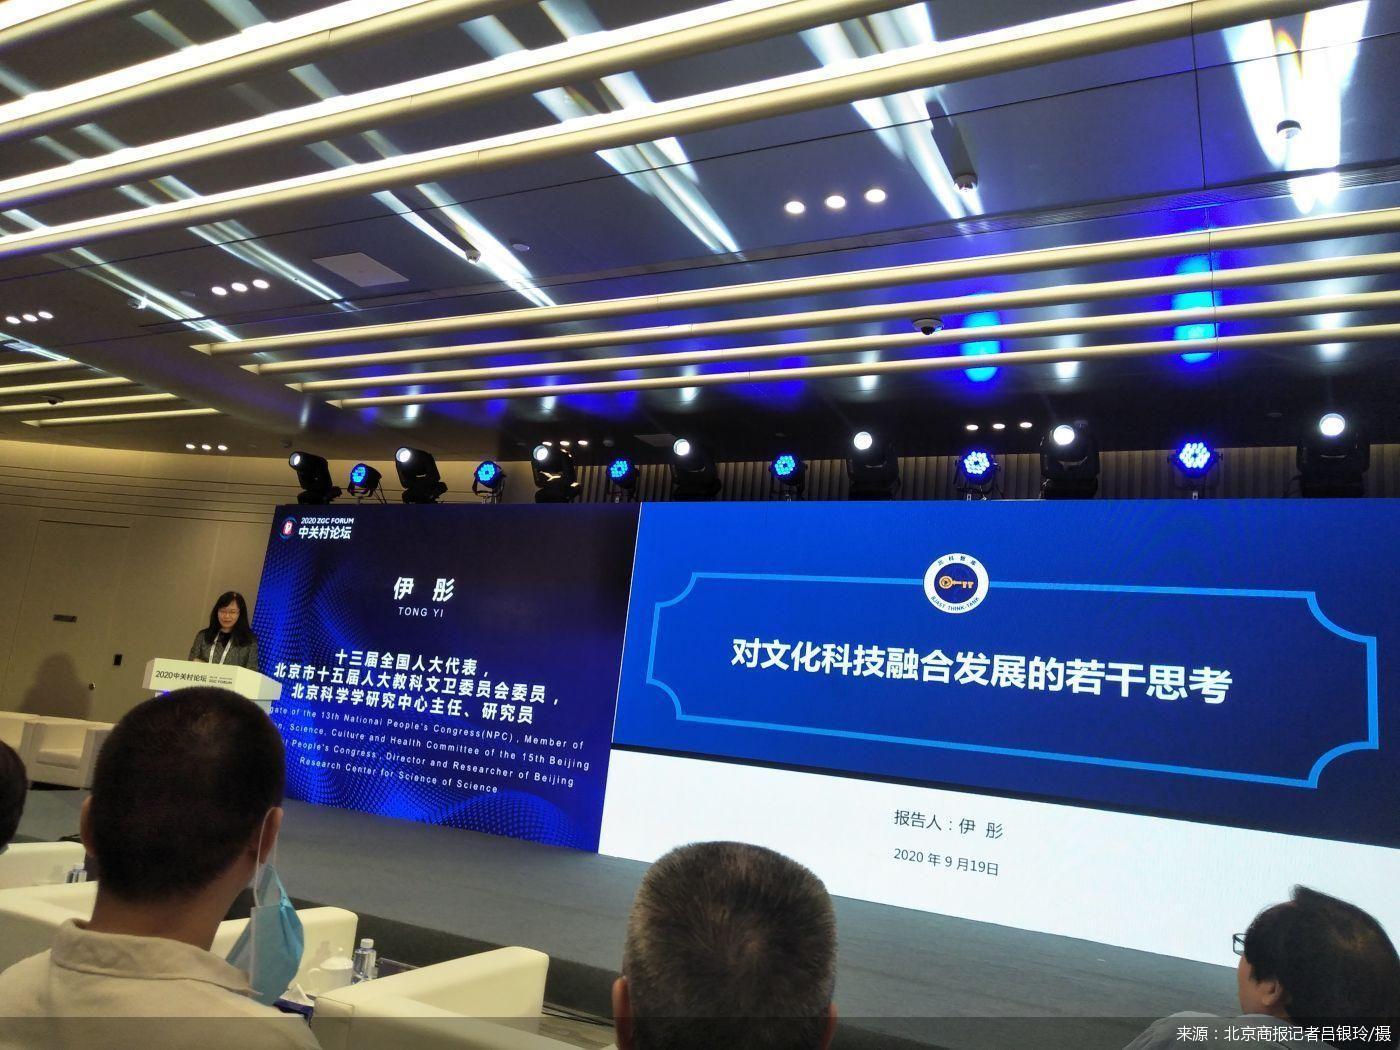 直击中关村论坛|北京科学研究中心主任、研究员伊彤:注重数字技术、5G技术创新在文化领域的转化应用